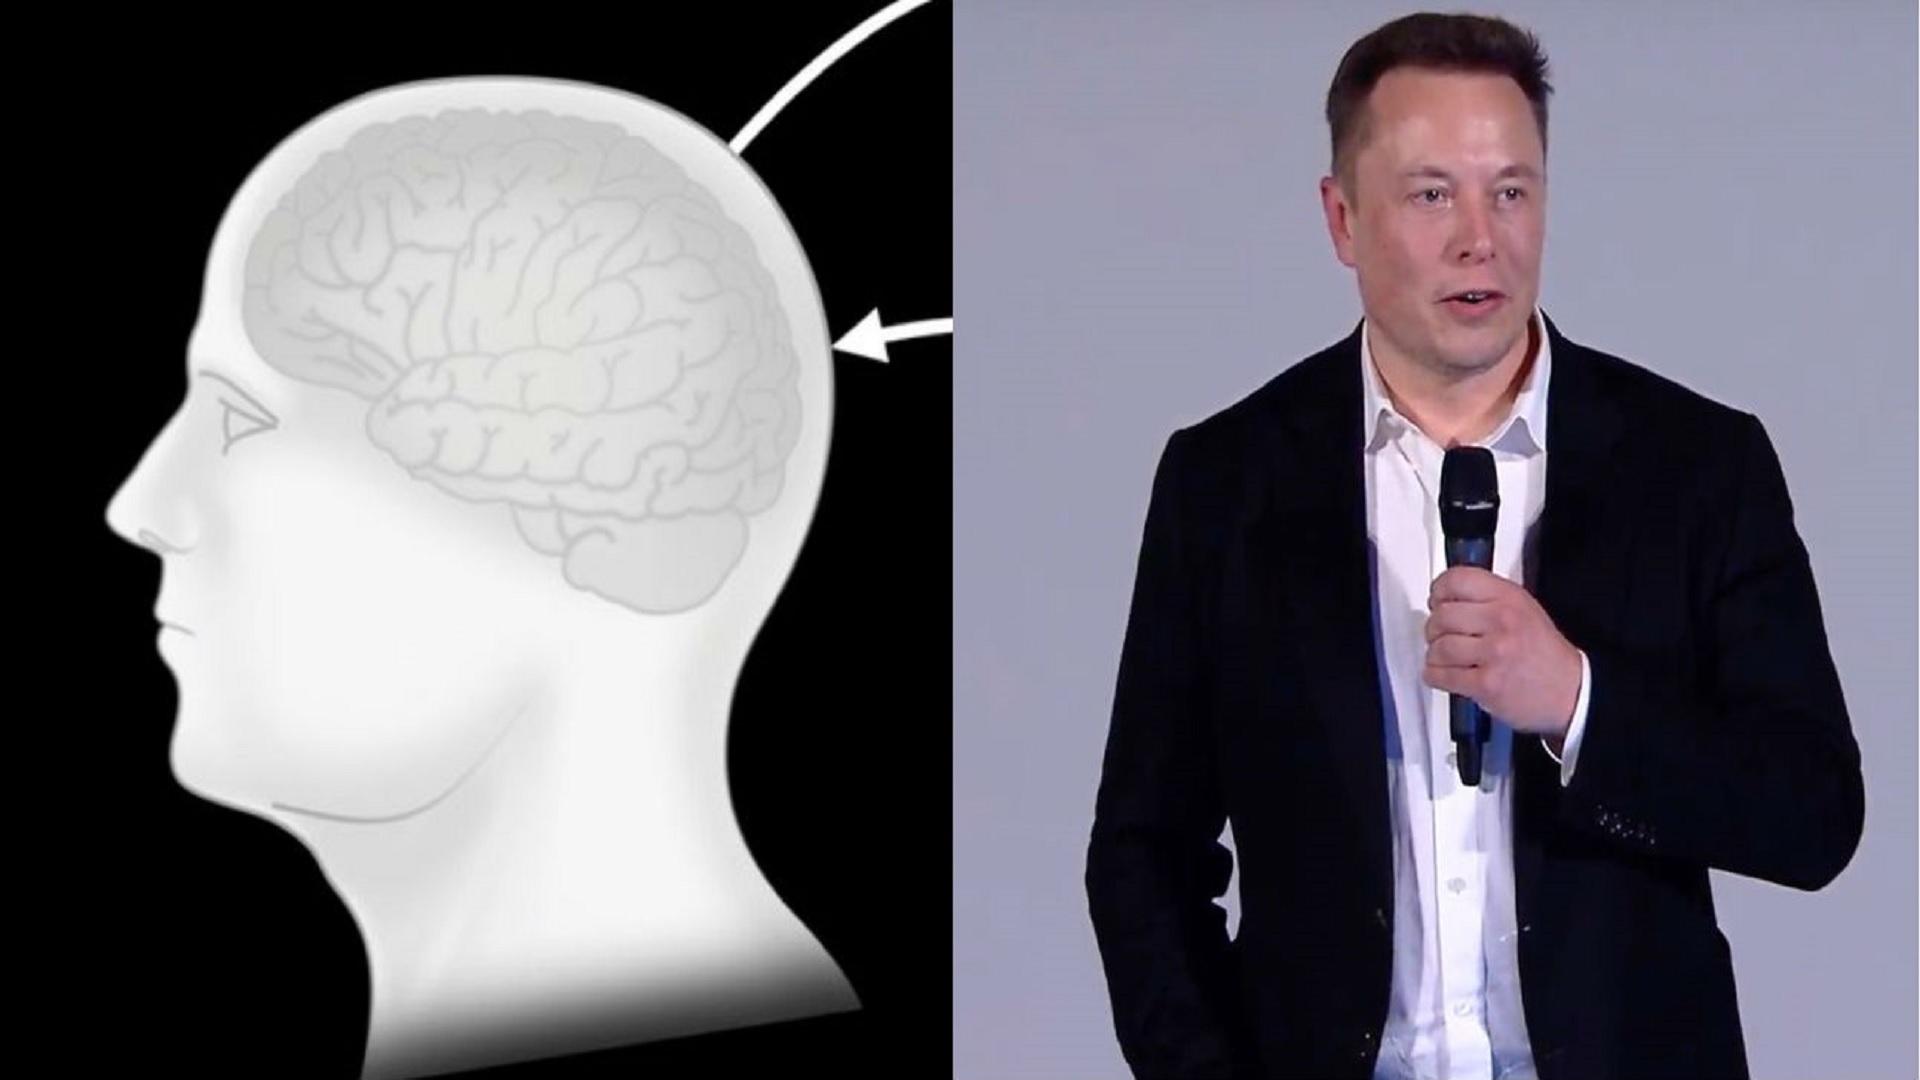 Έλον Μασκ τσιπάκι: Εμφύτευμα εγκεφάλου για έλεγχο κινητών -υπολογιστή με τη σκέψη [vid]